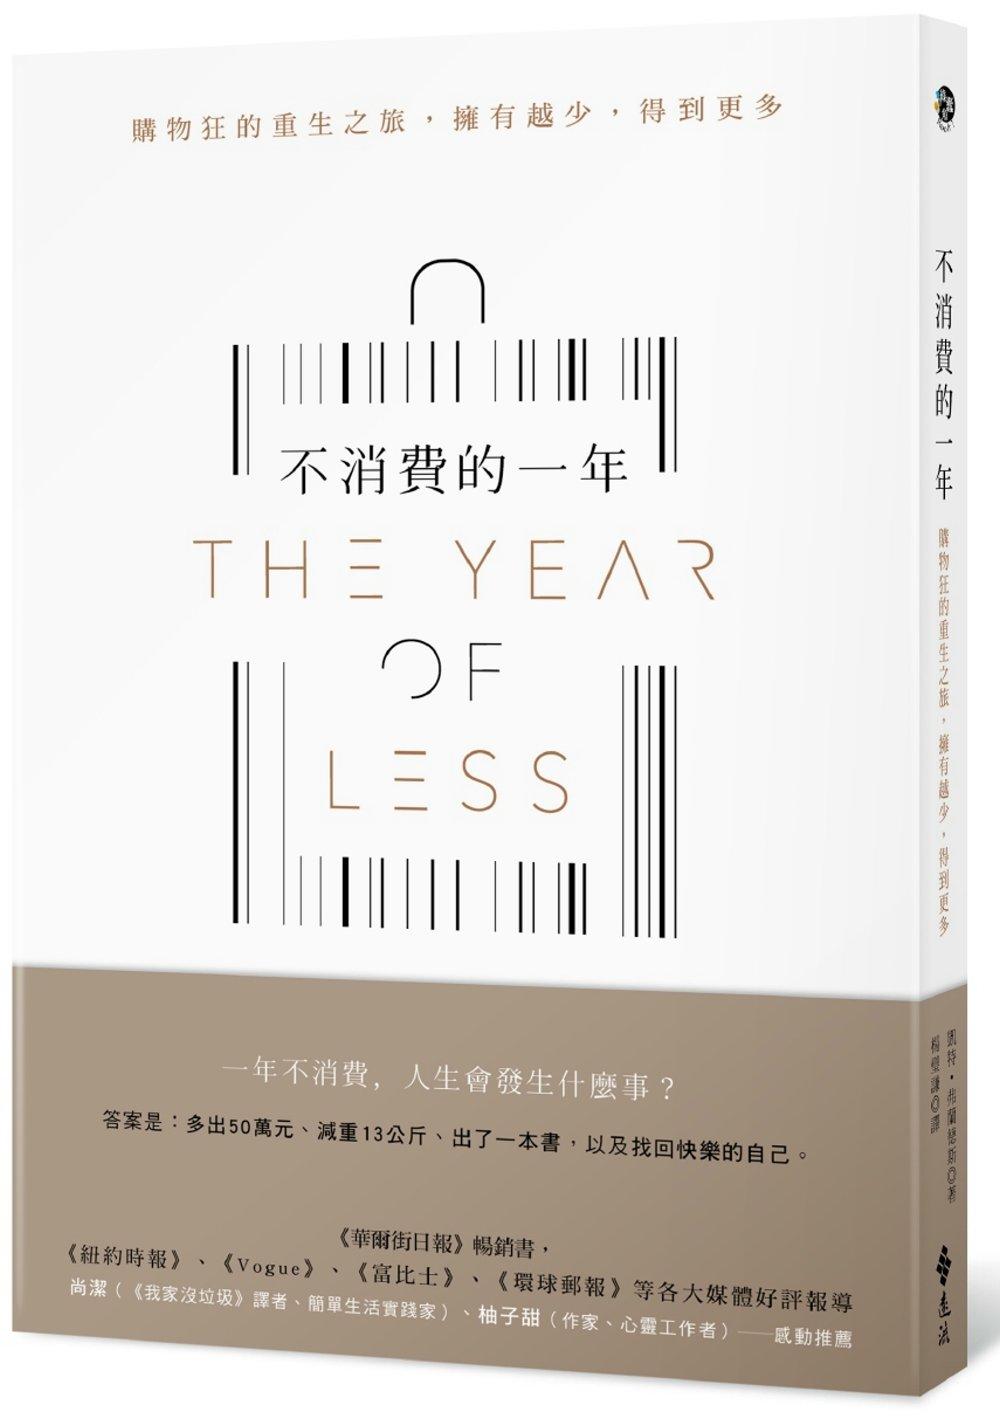 不消費的一年:購物狂的重生之旅...